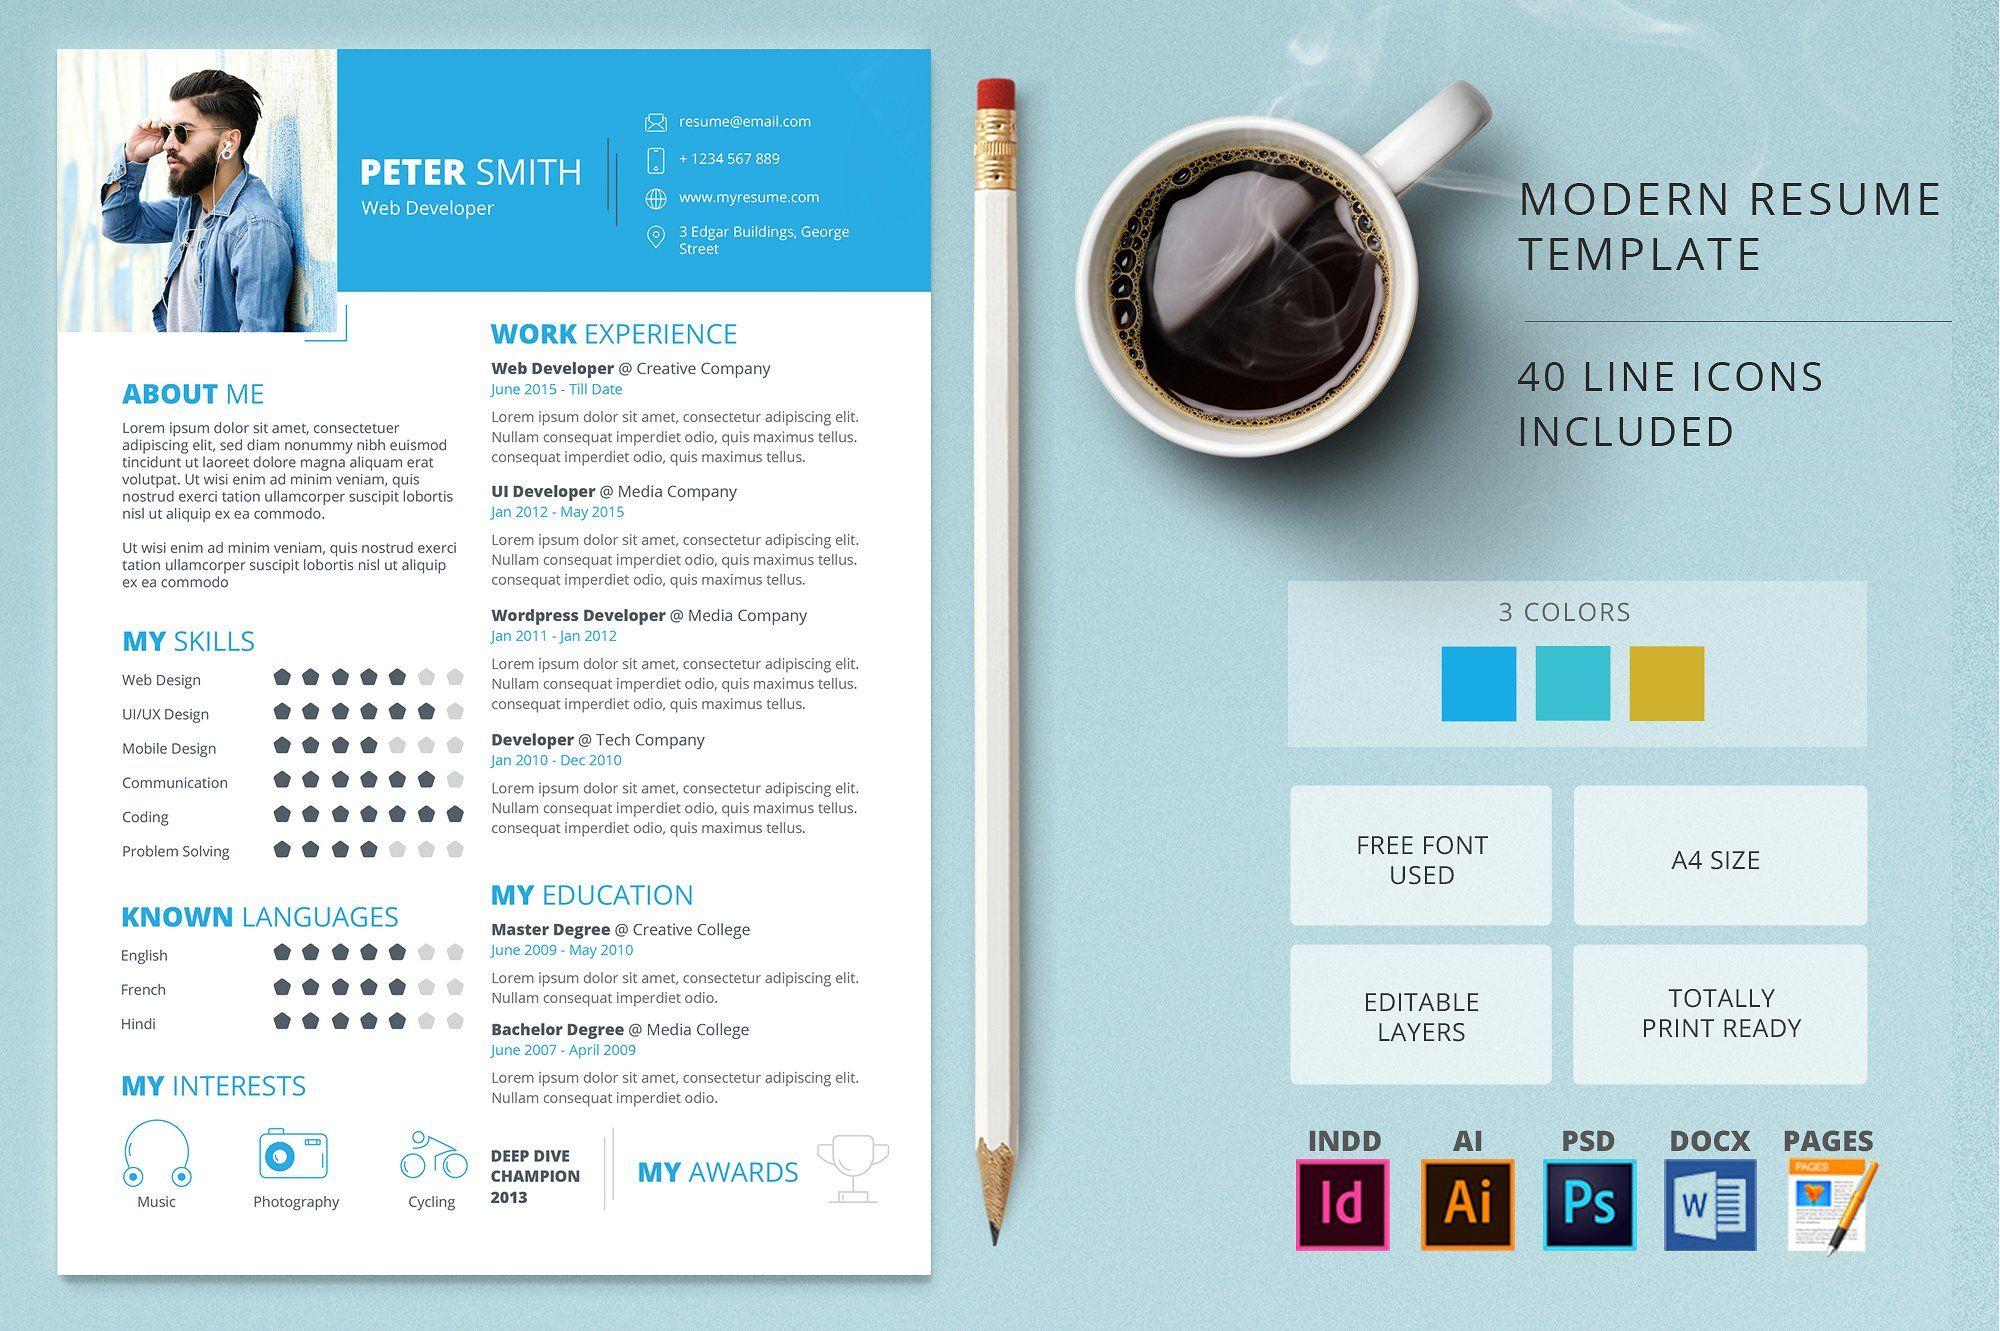 Modern Resume Design Templates  MaggiLocustdesignCo